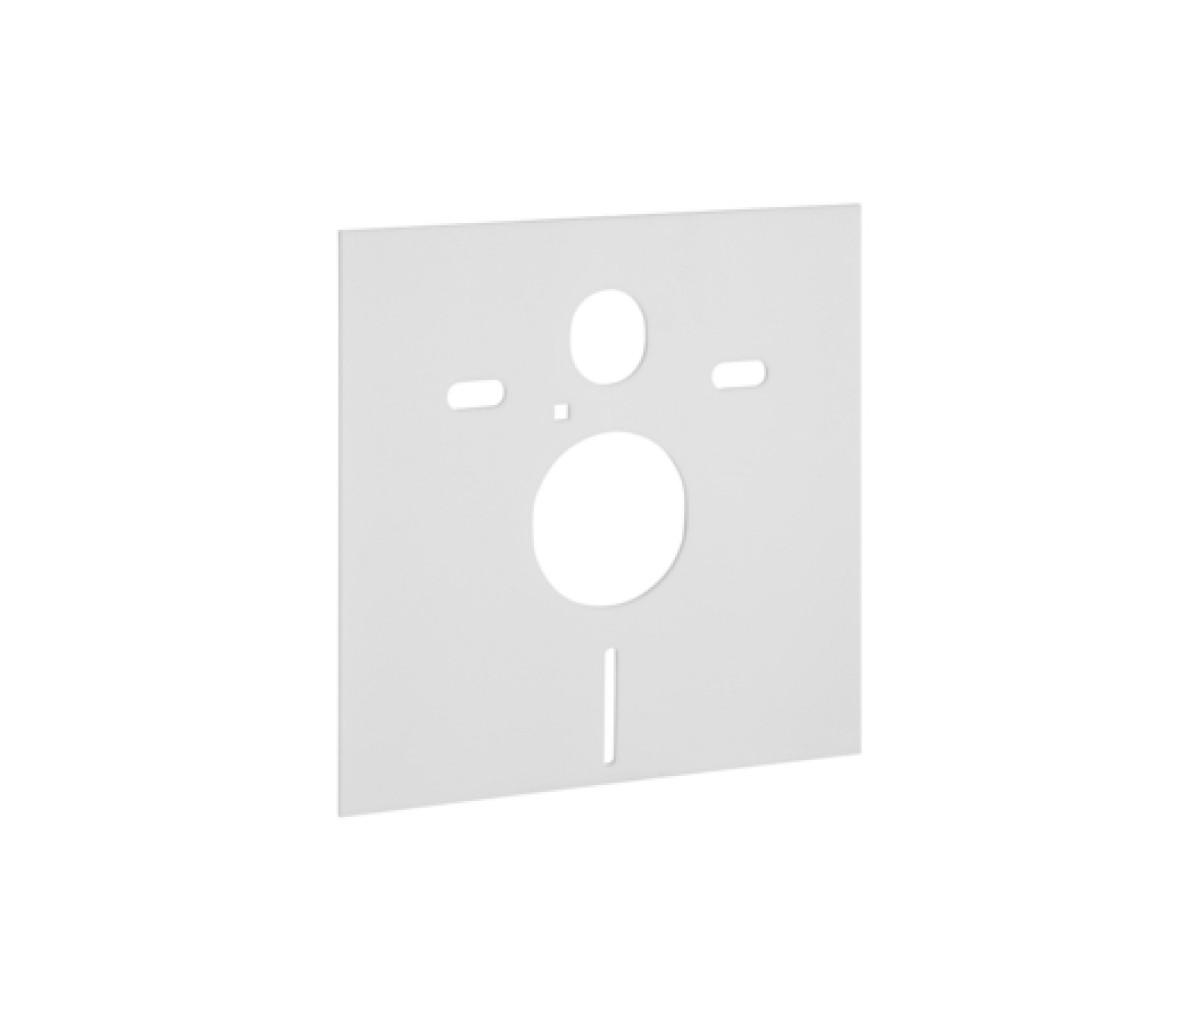 Звукоизолирующая прокладка GEBERIT Duofix (156.050.00.1)